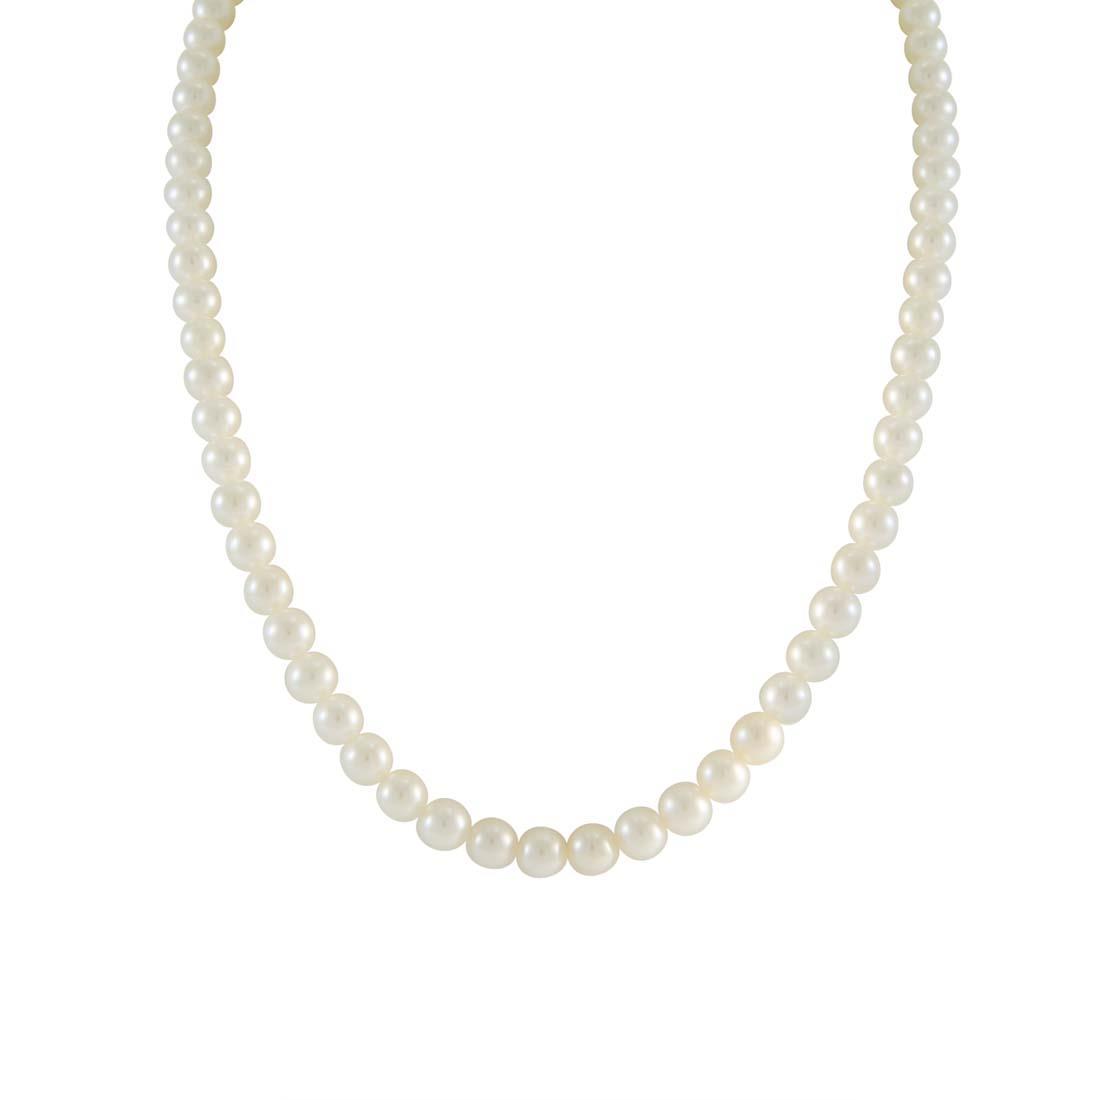 Collana Oro & Co filo di perle Freshwater con chiusura in oro 18 kt gr 1,40, lunghezza 42 cm - ORO&CO